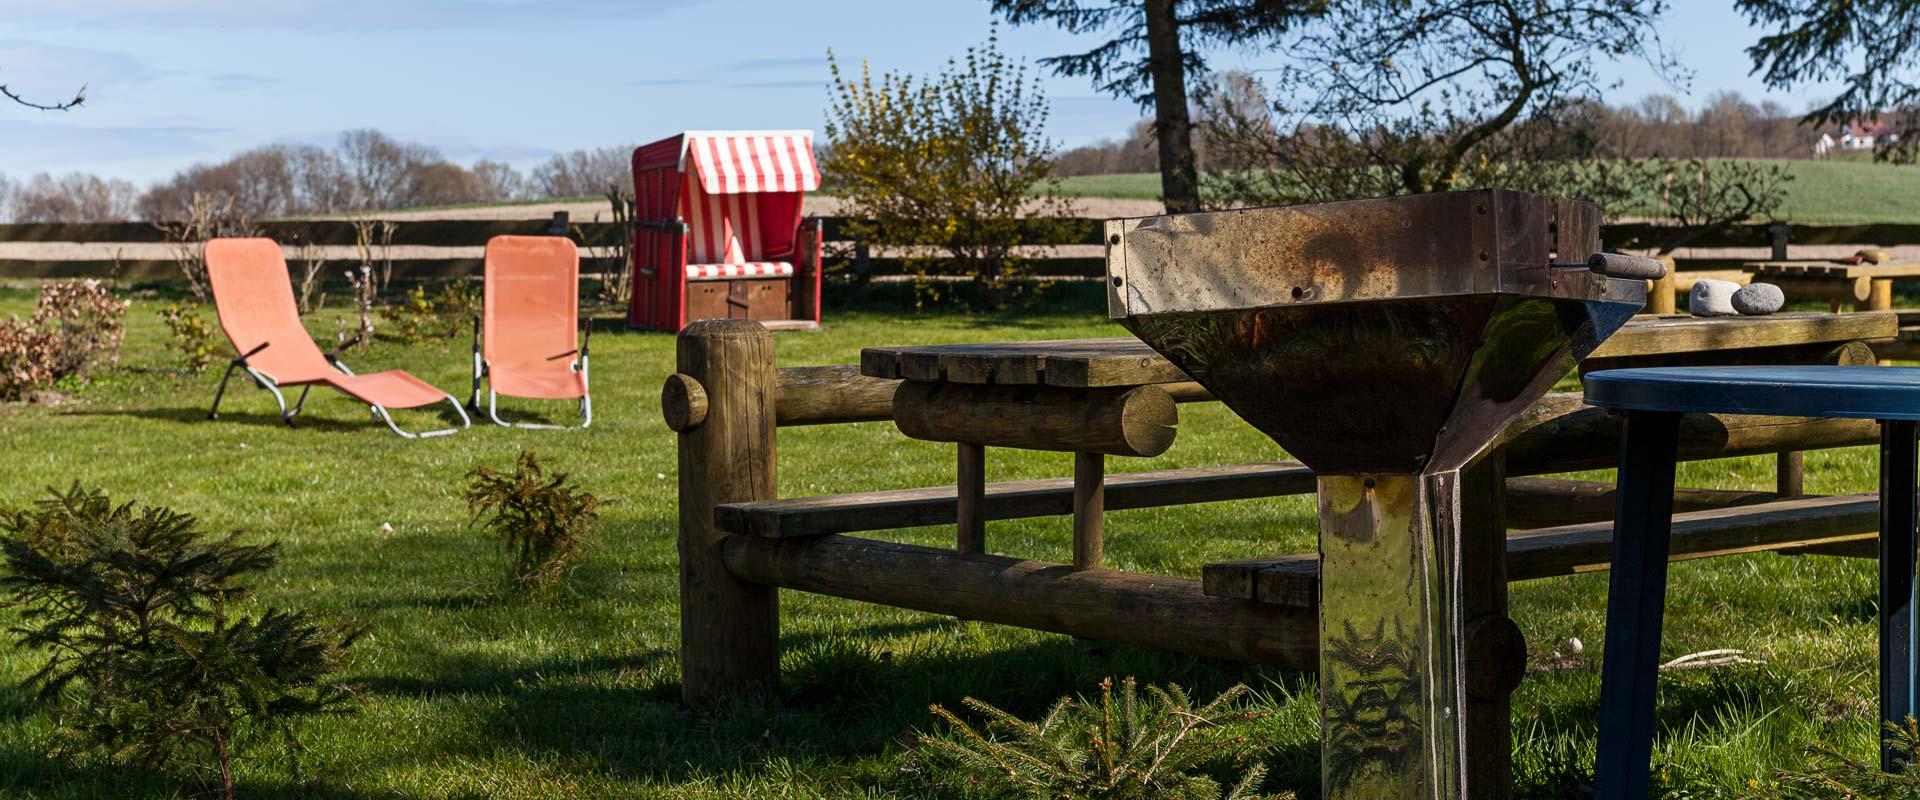 Unser Grundstück bietet<br /> eine Sonnenwiese, Grillmöglichkeiten und viel Platz zum Spielen